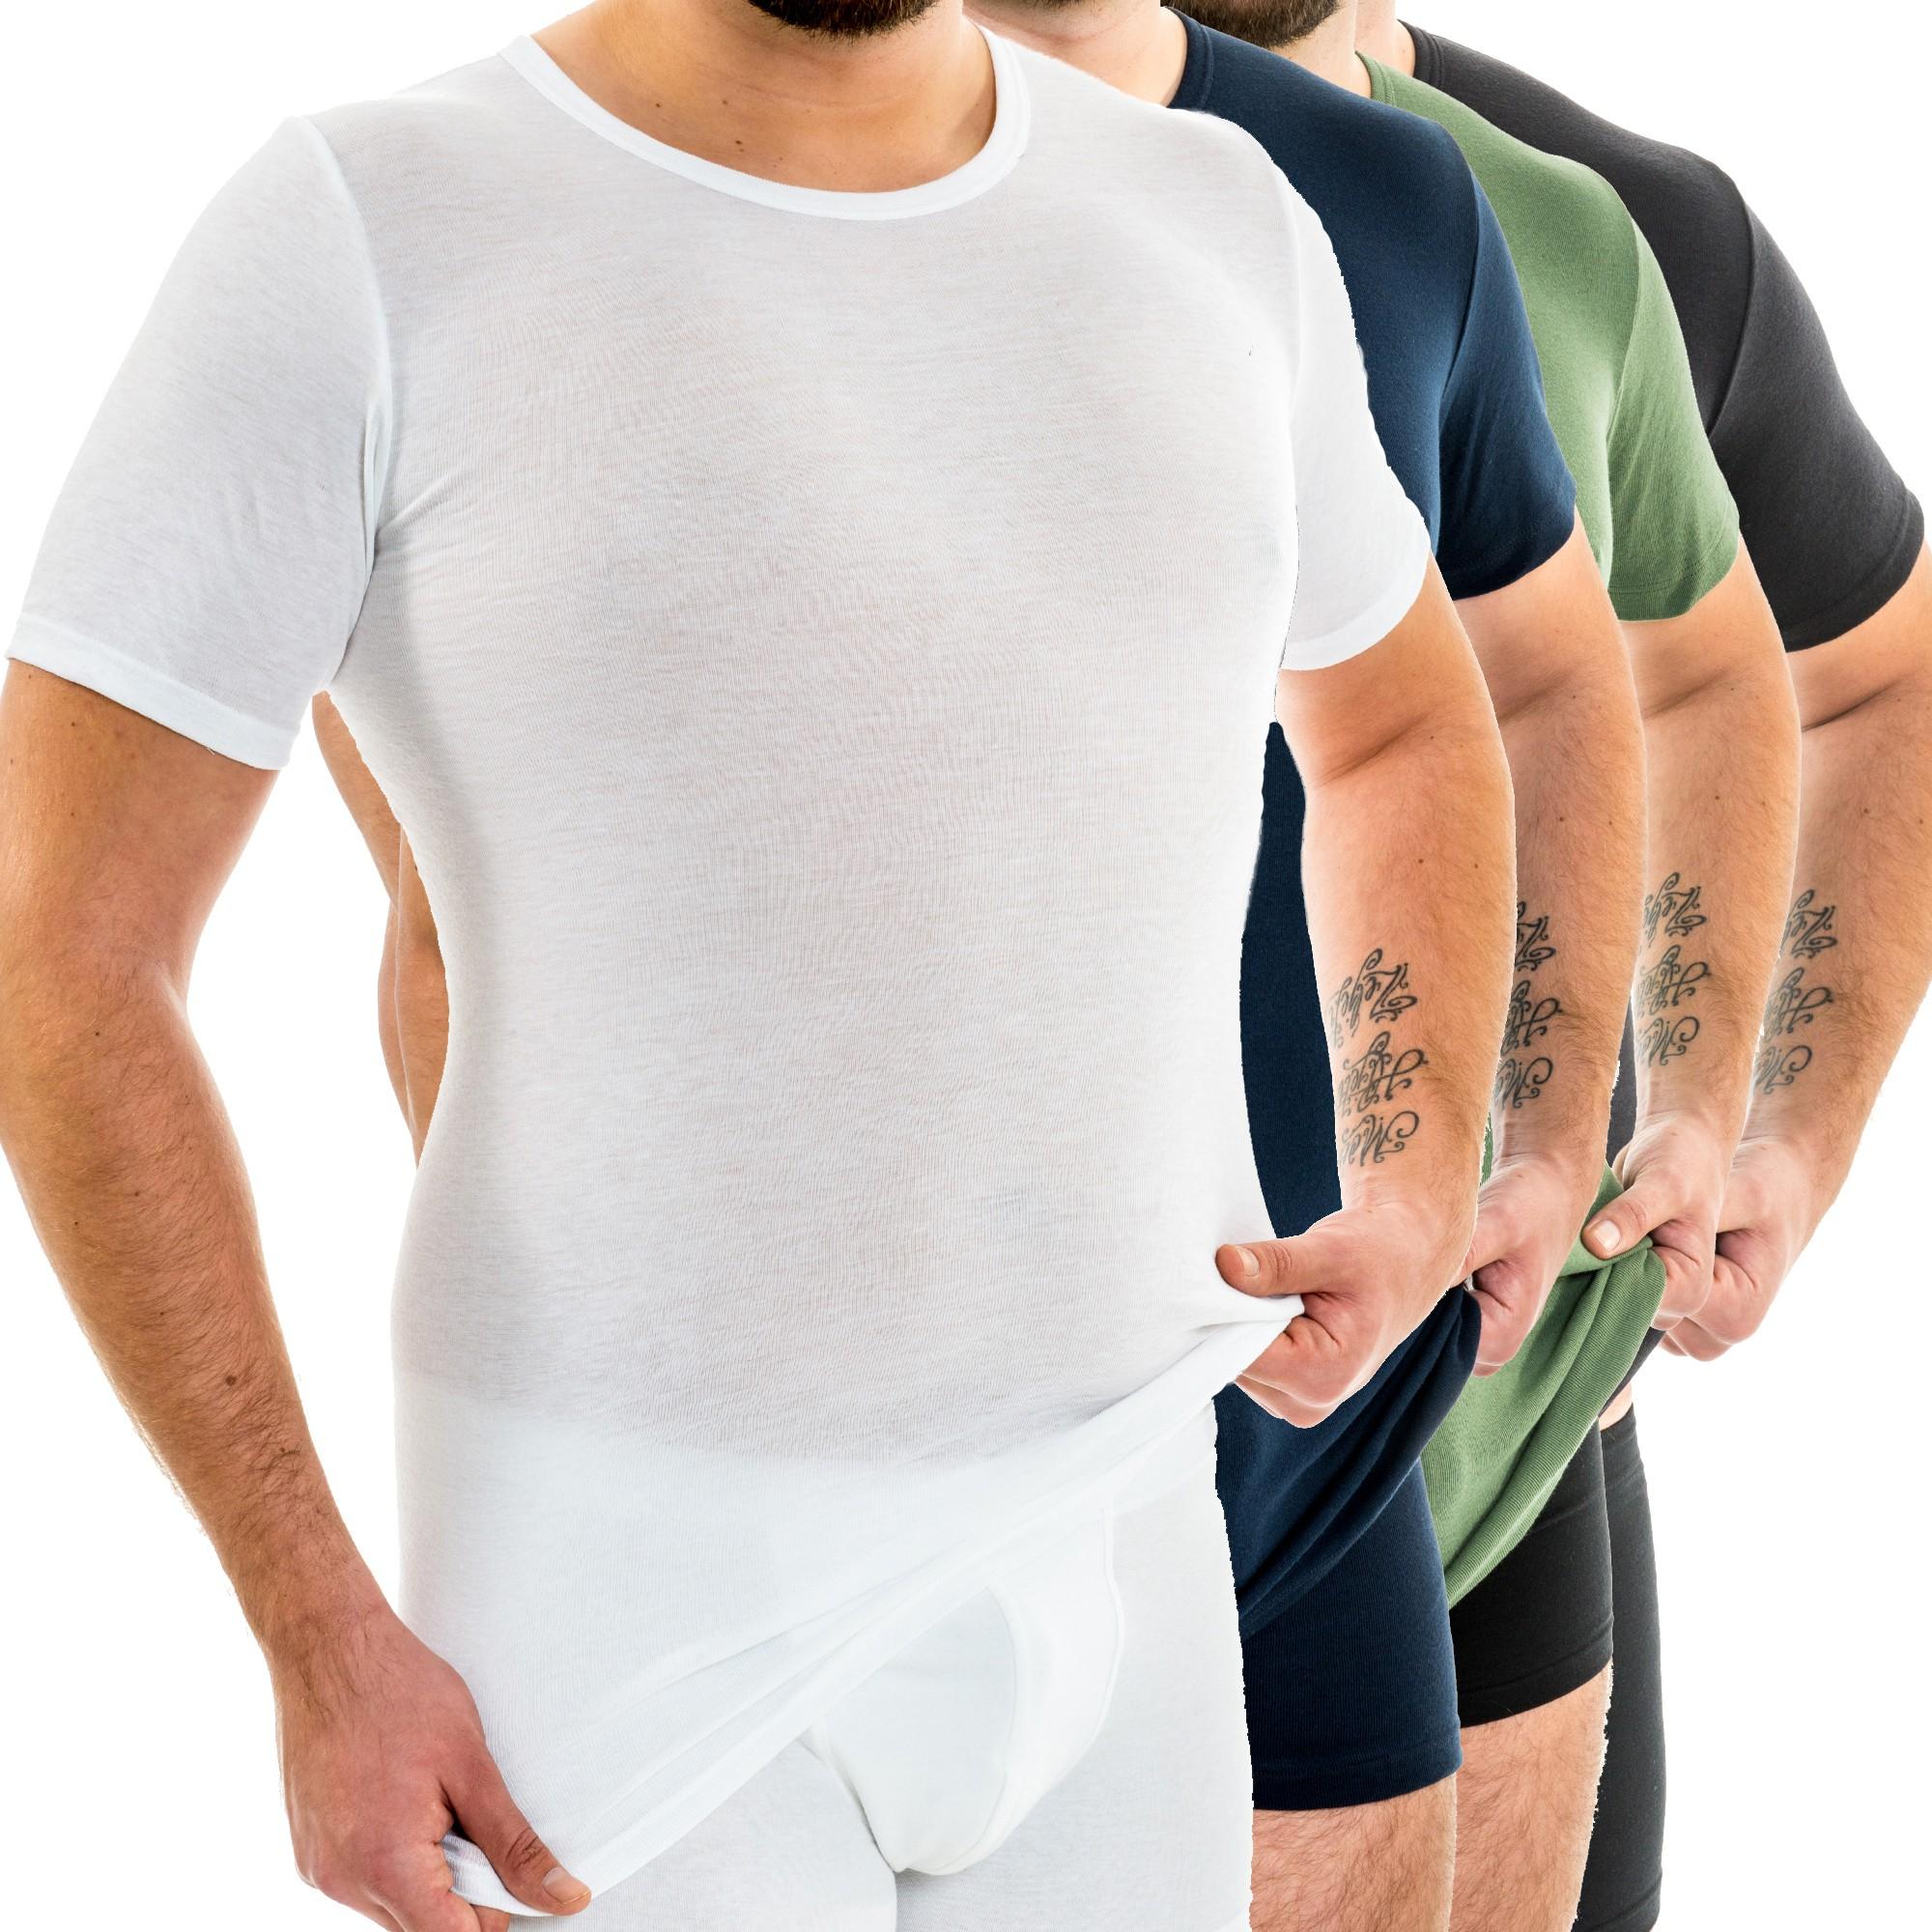 HERMKO 20 Extralanges Herren kurzarm Shirt, Rundhals aus 20  Bio Baumwolle